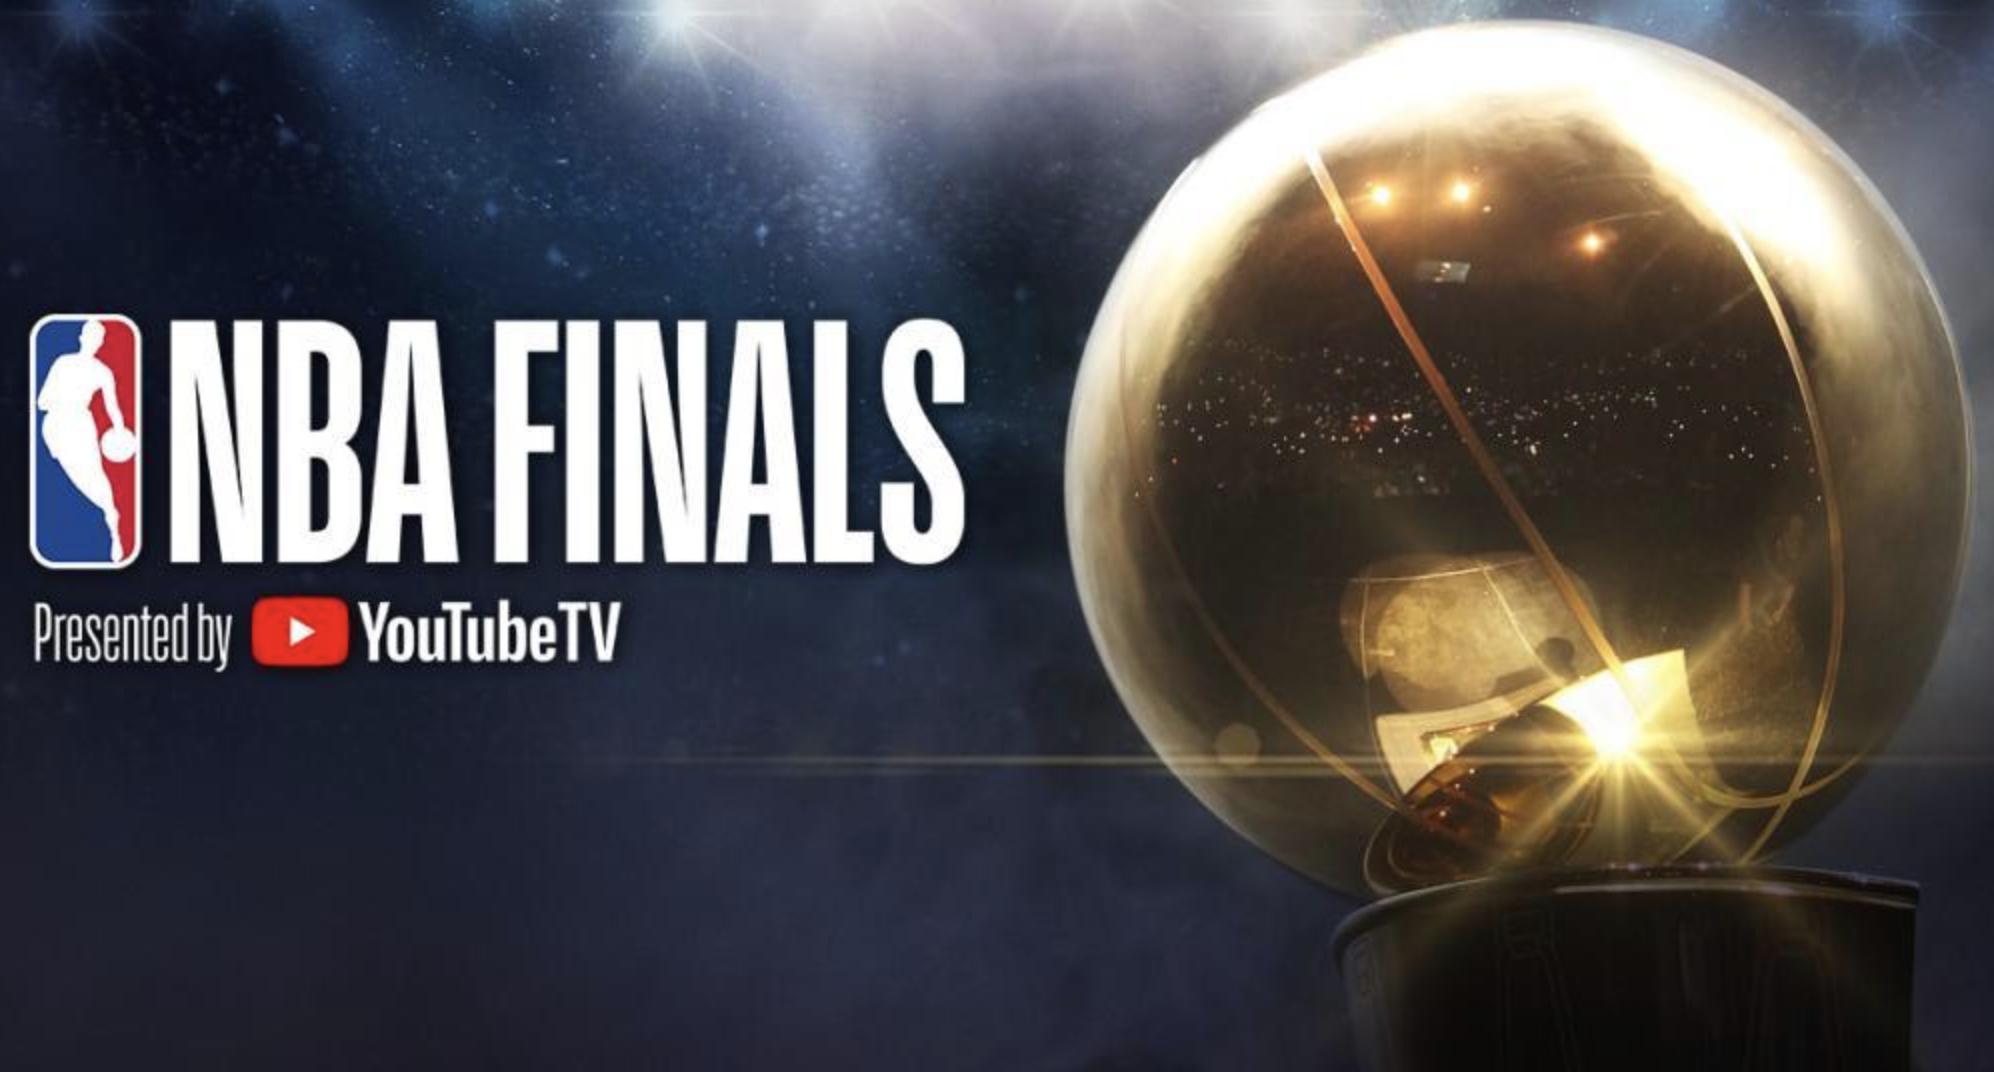 本赛季总决赛完整赛程出炉, 首战将在 5月 31日 9点打响